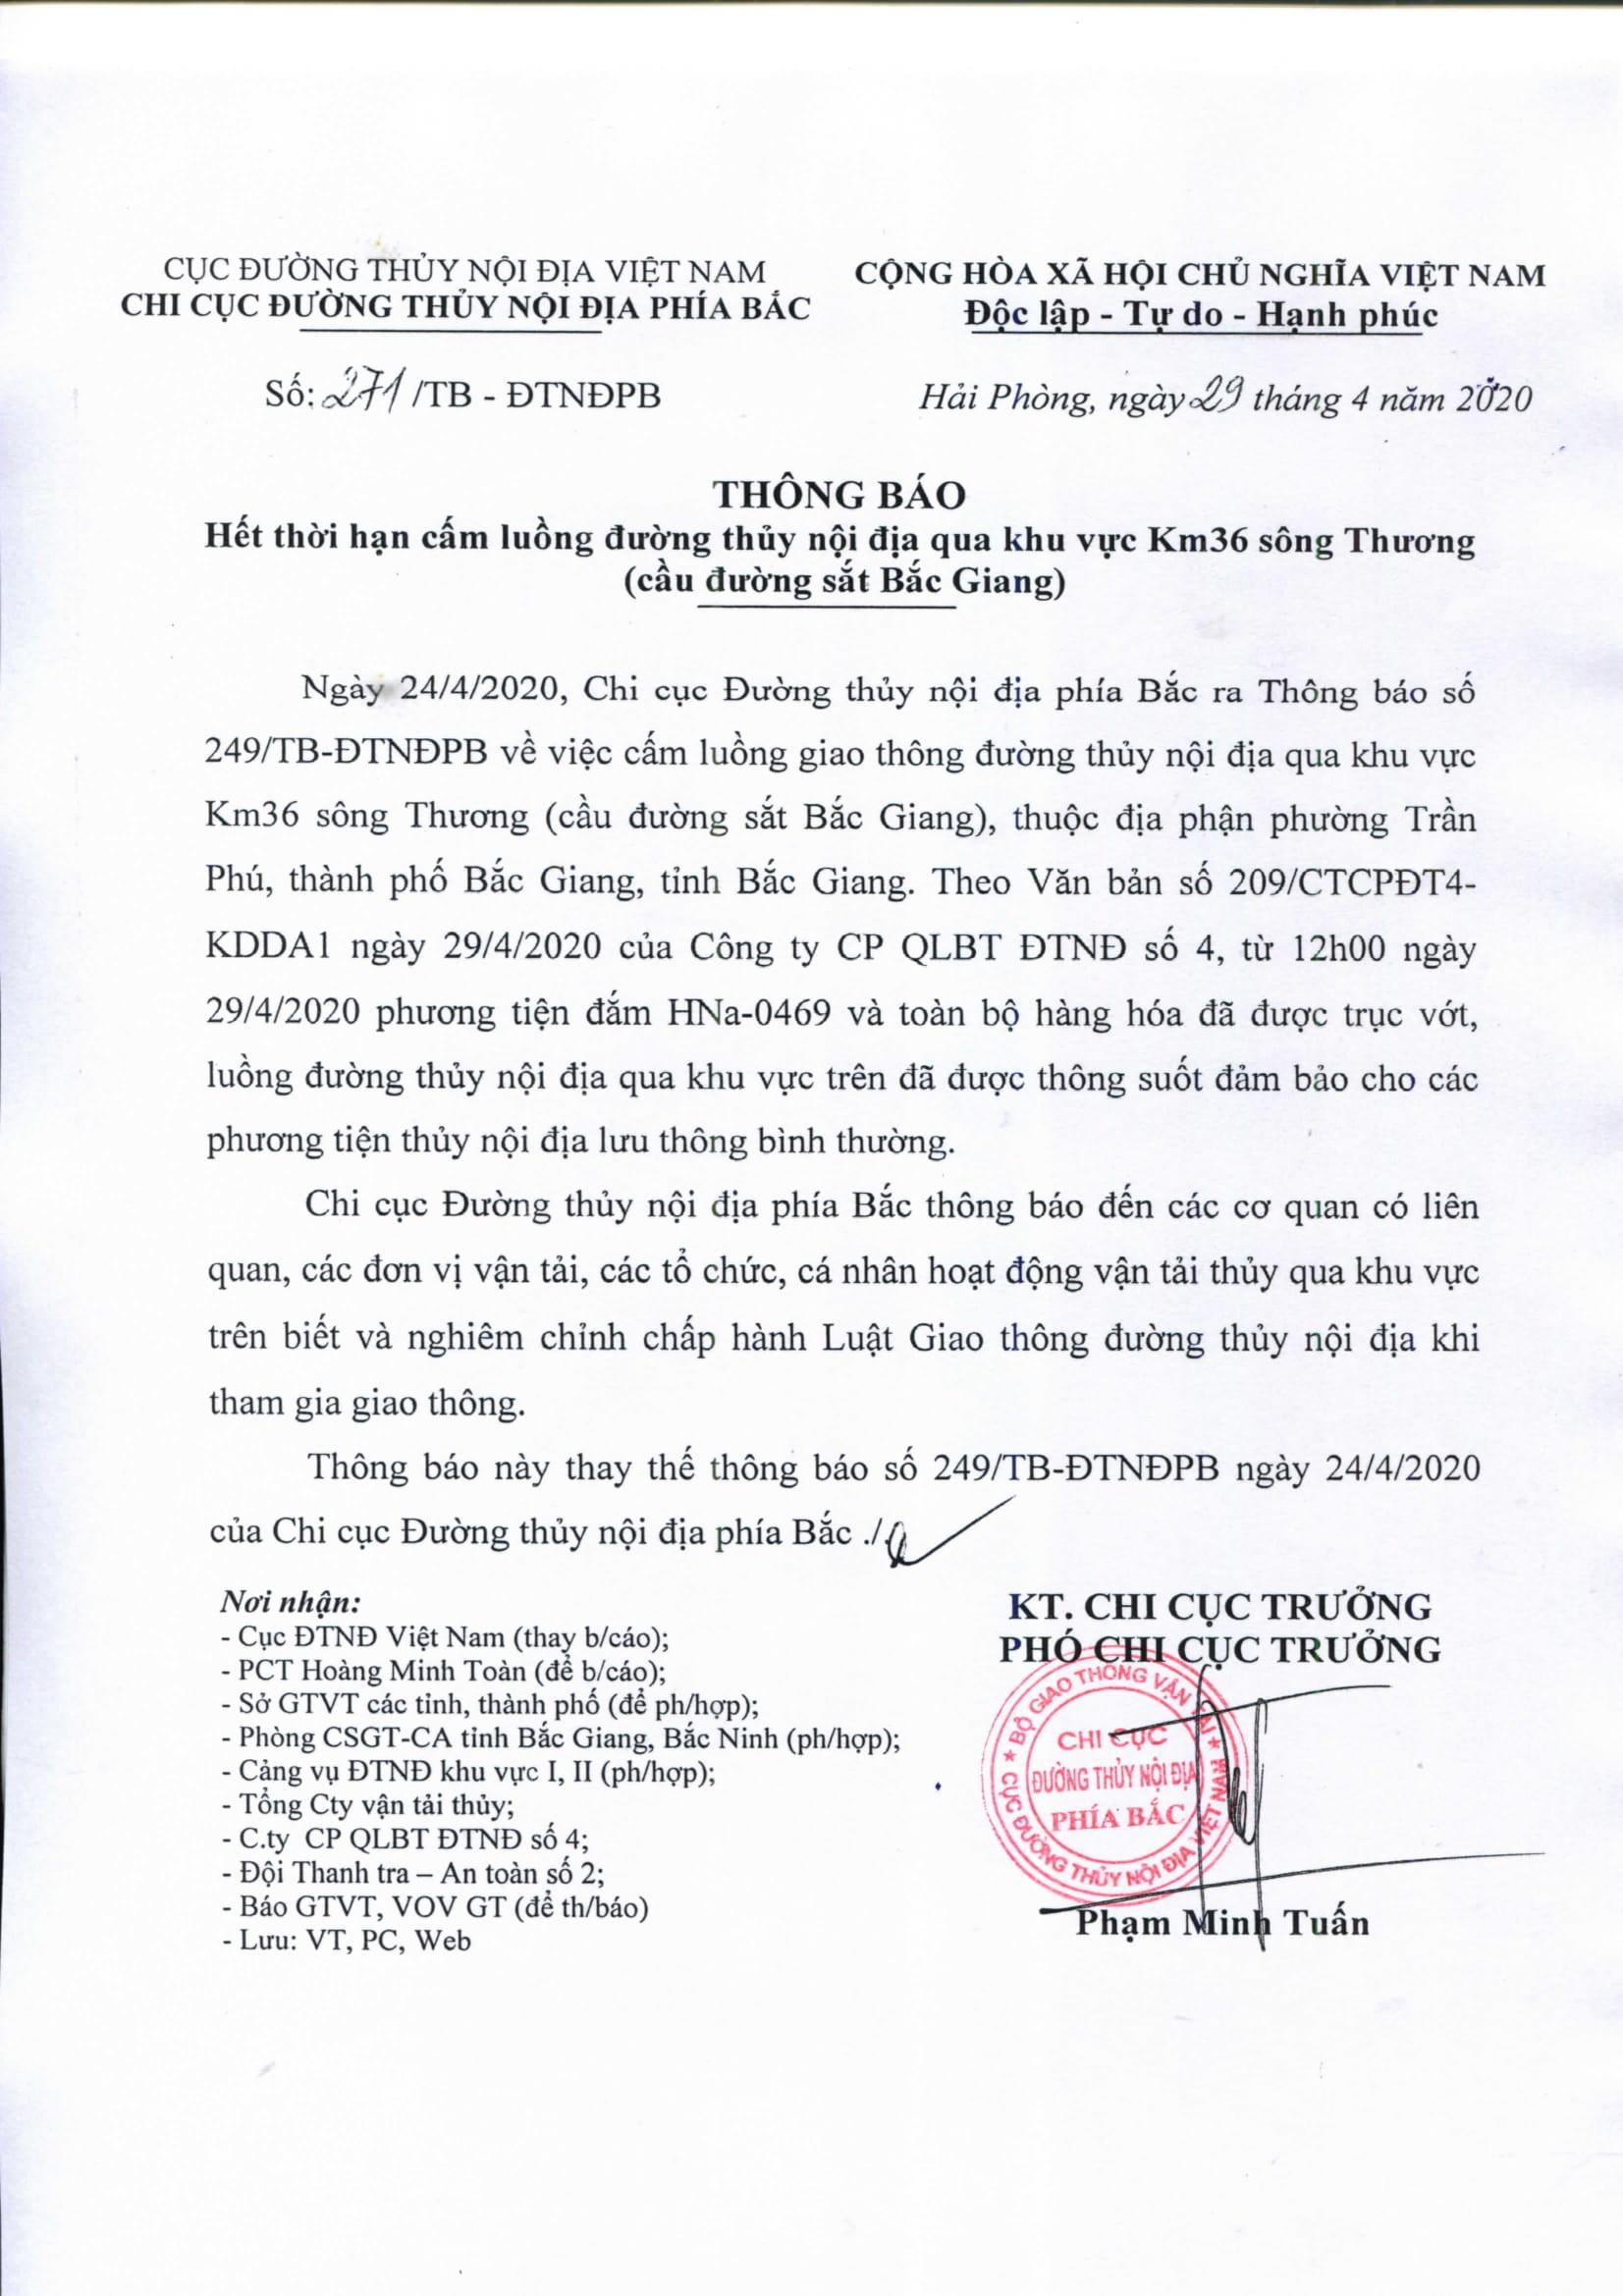 THÔNG BÁO: Hết thời hạn cấm lường đường thủy nội địa qua khu vực Km36 sông Thương(cầu đường sắt Bắc Giang)